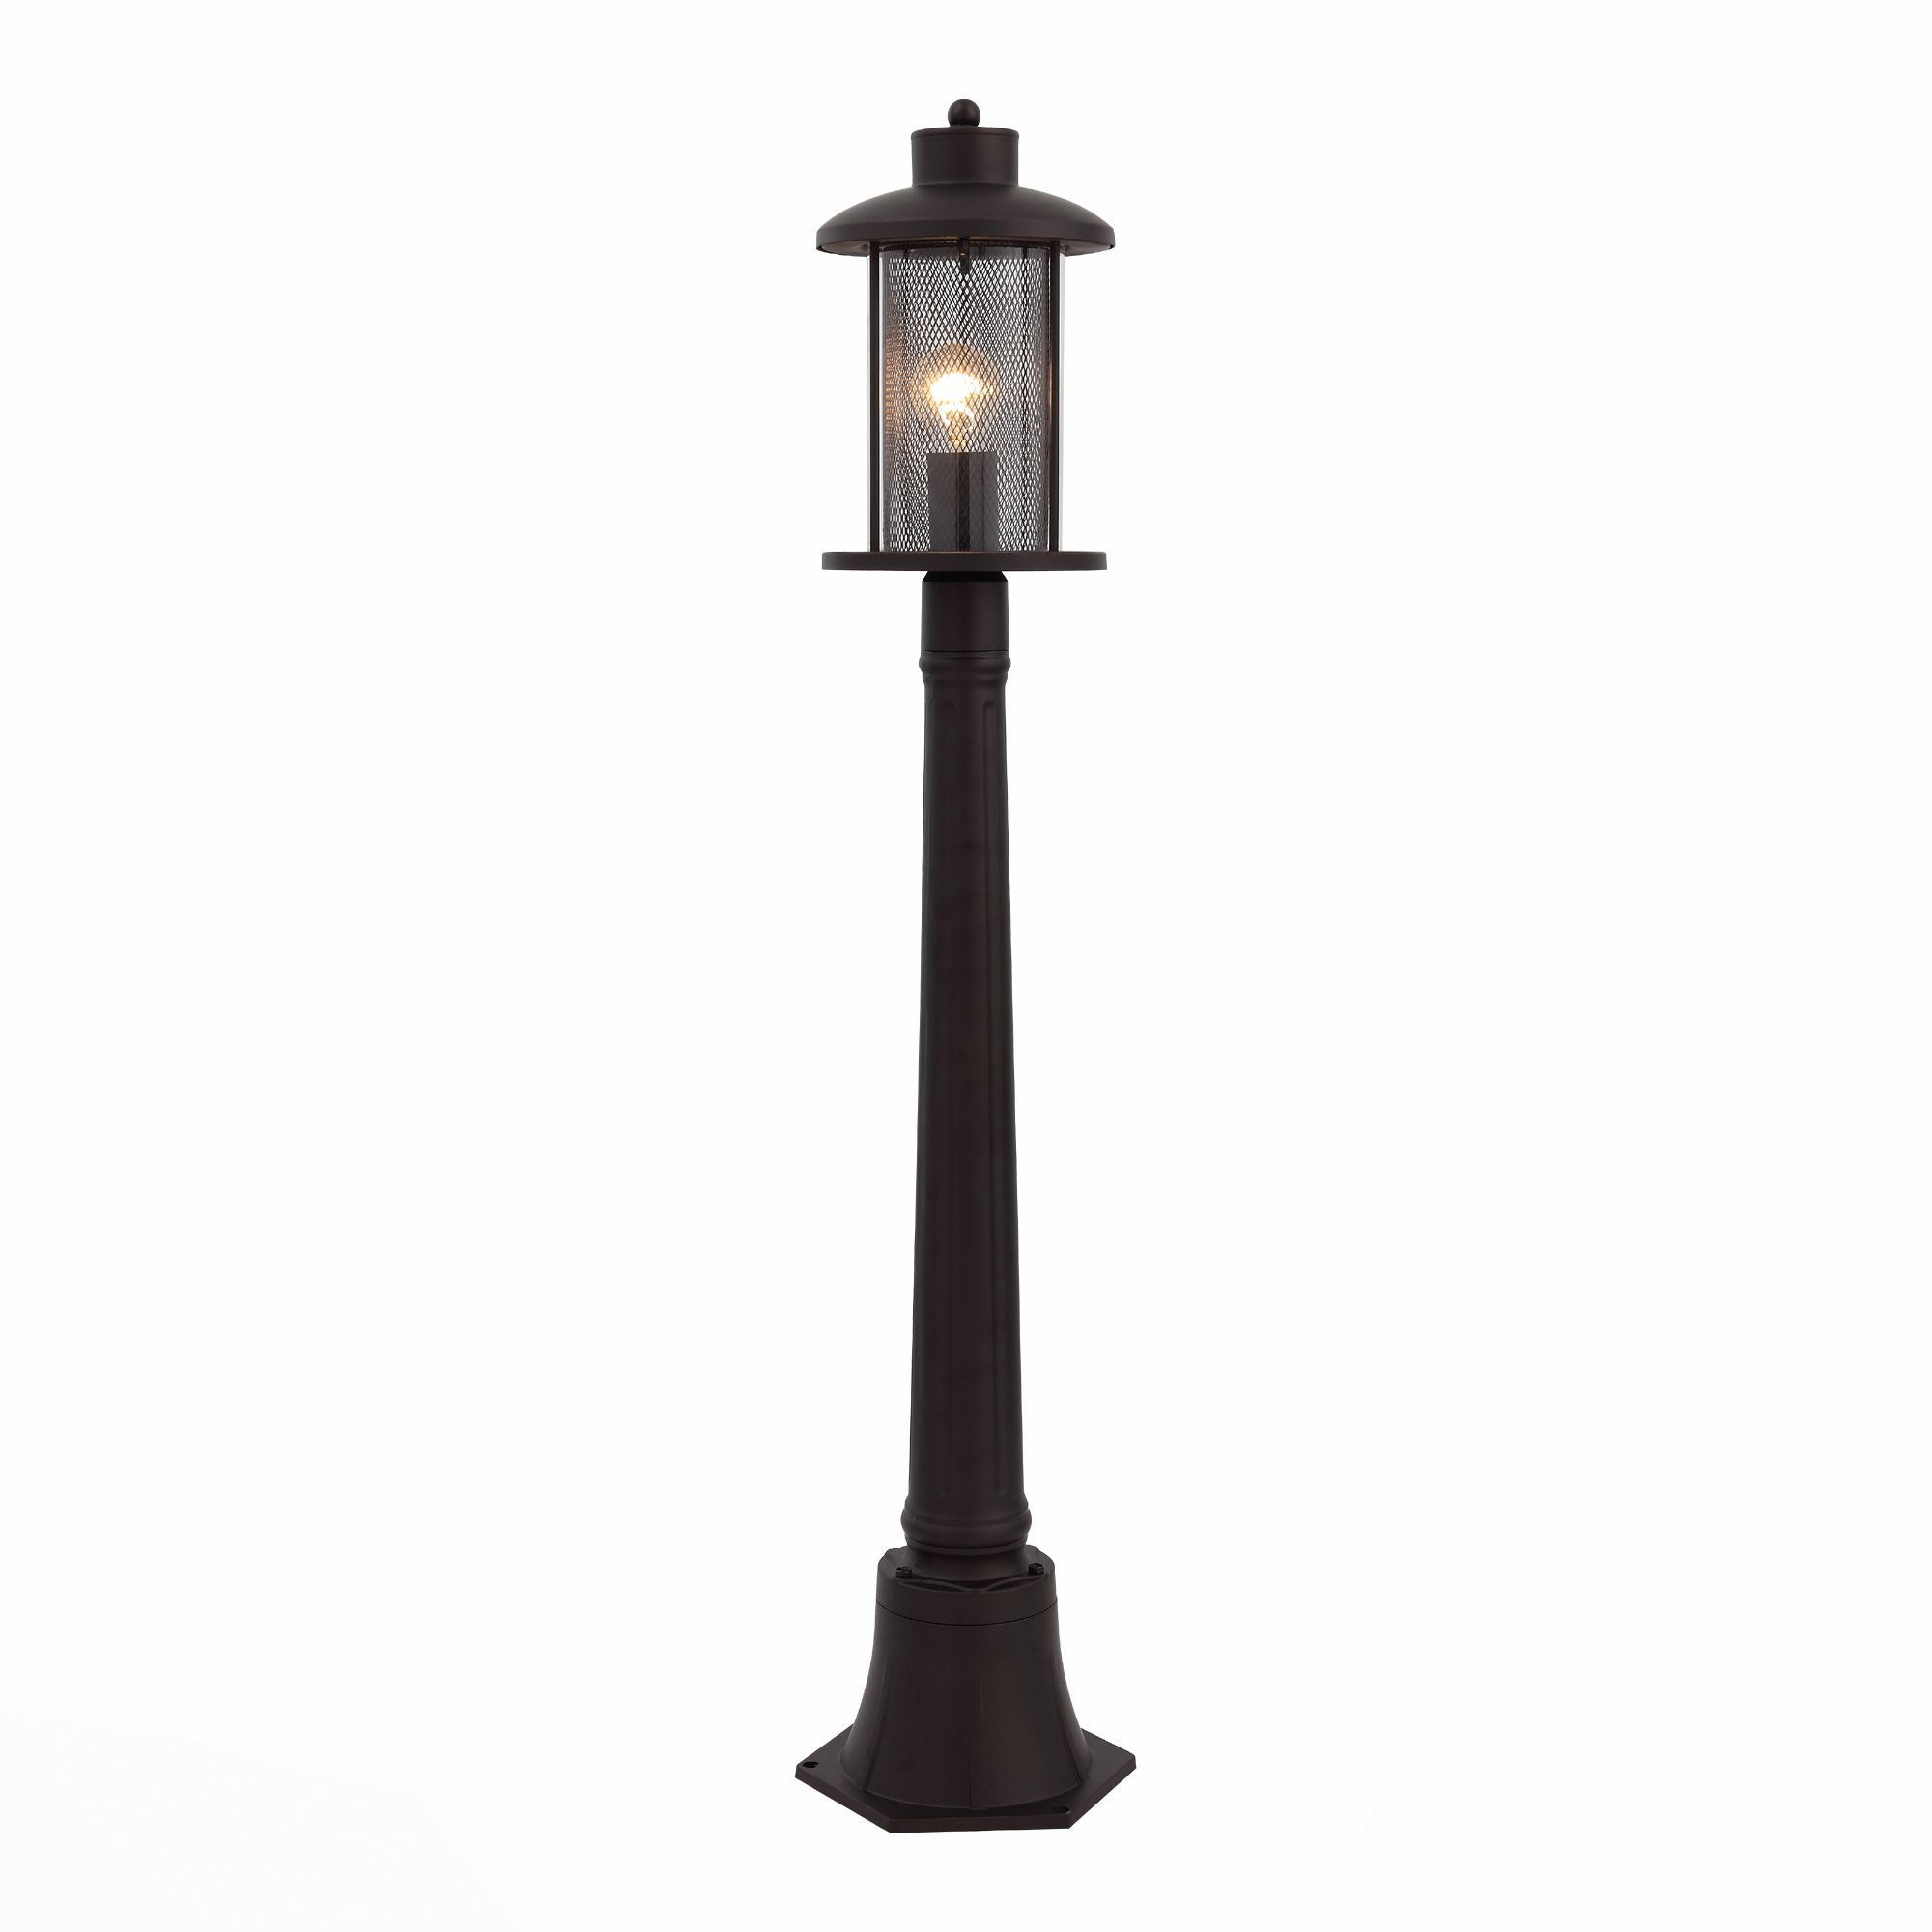 Светильник уличный наземный ST-Luce Темный кофе/Прозрачный, Темный кофе E27 1*60W SL080.415.01